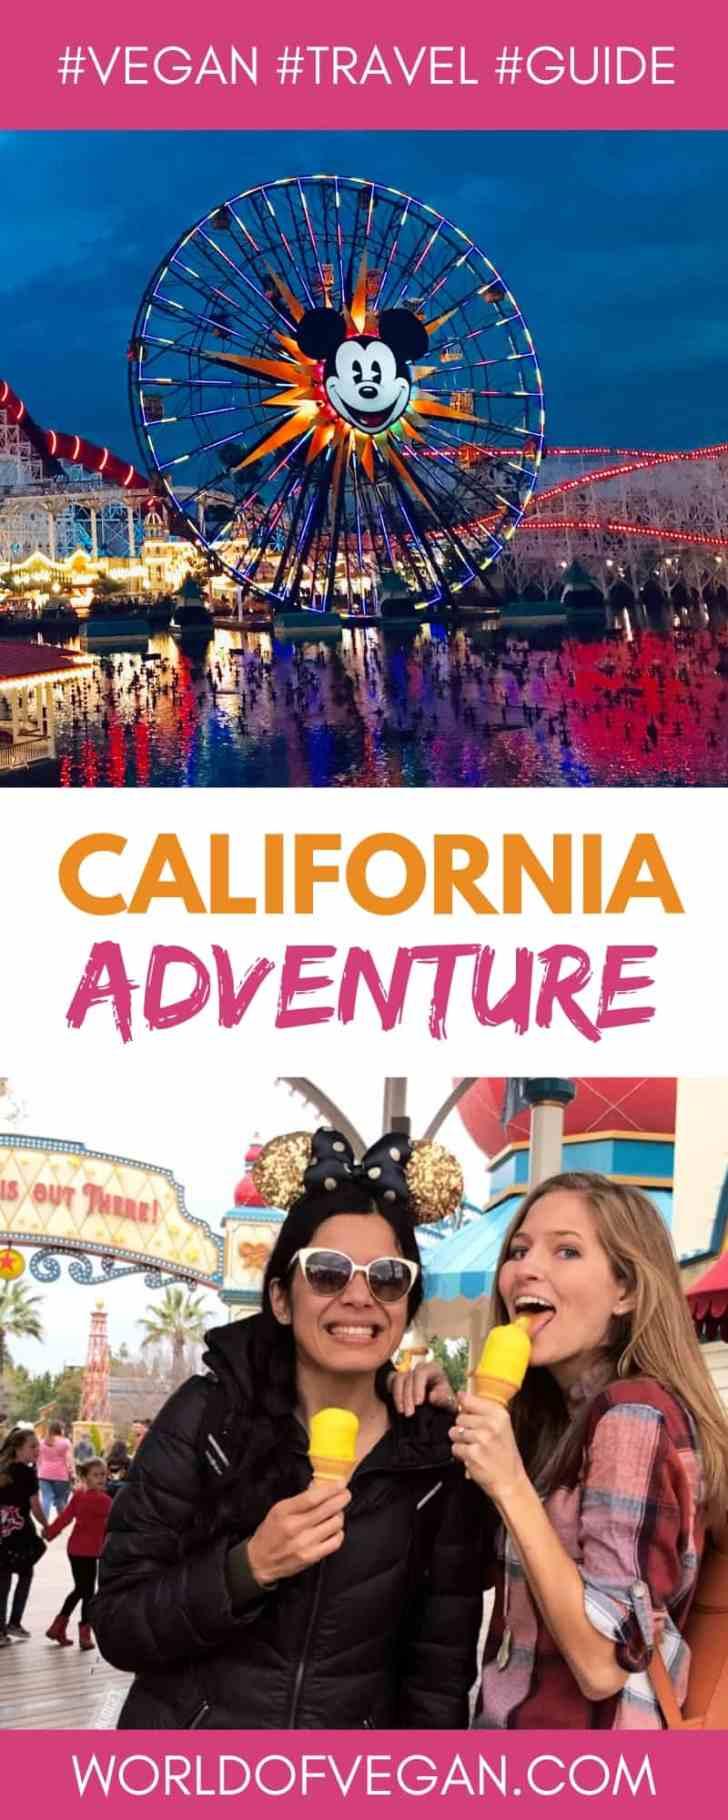 Vegan at Disney California Adventure   WorldofVegan.com #vegan #disney